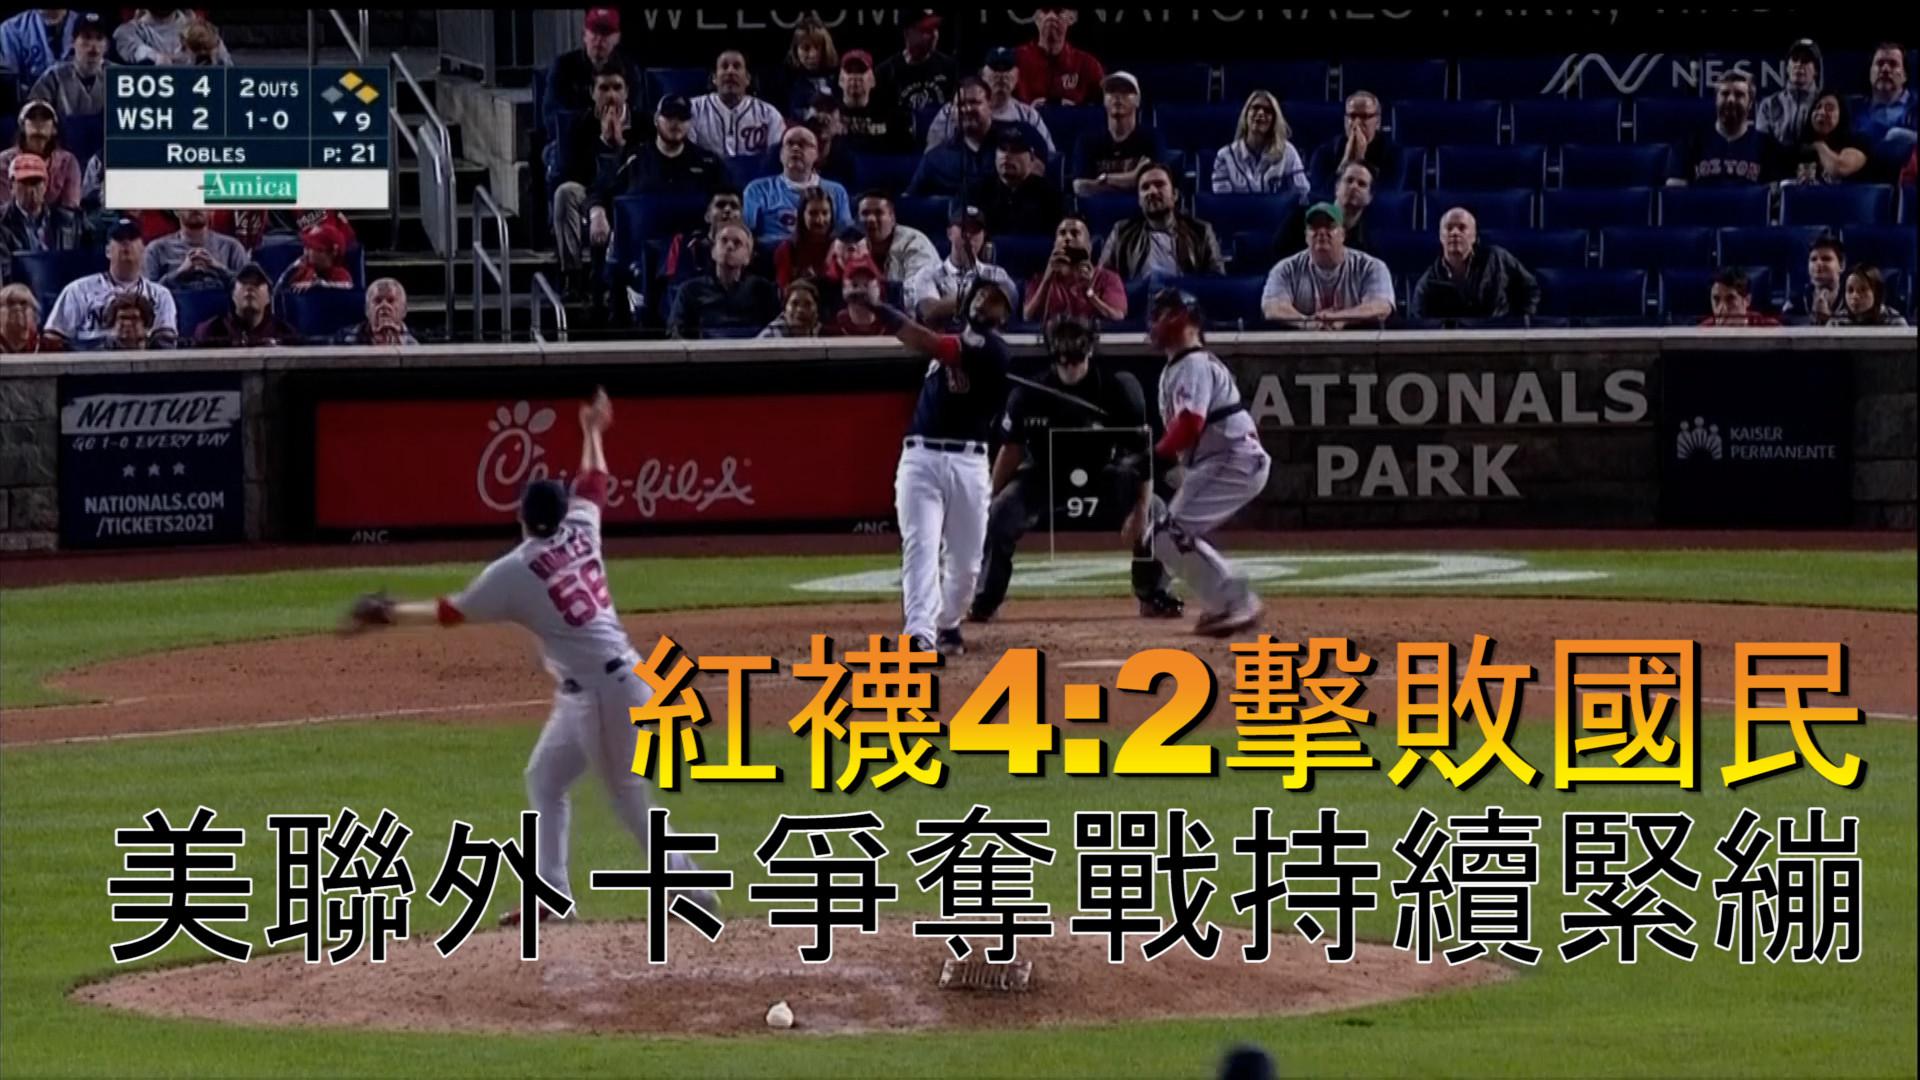 【MLB看愛爾達】紅襪4:2擊敗國民 維持美聯外卡競爭力 10/2